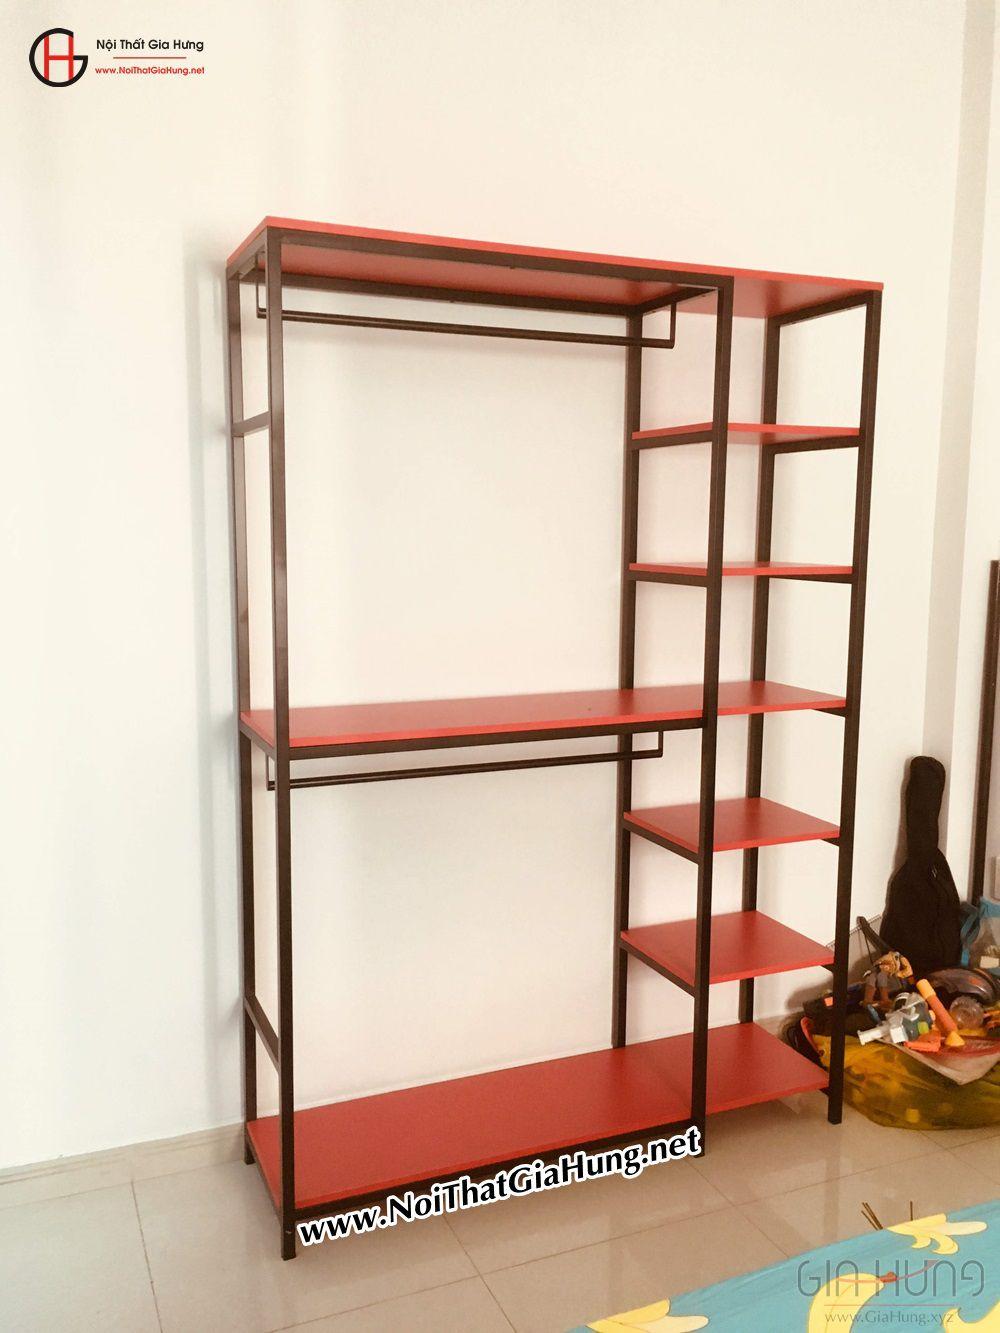 Kệ treo quần áo khung chân sắt mặt gỗ màu đỏ GHZ-834 giao tại Thanh Đa, Bình Thạnh